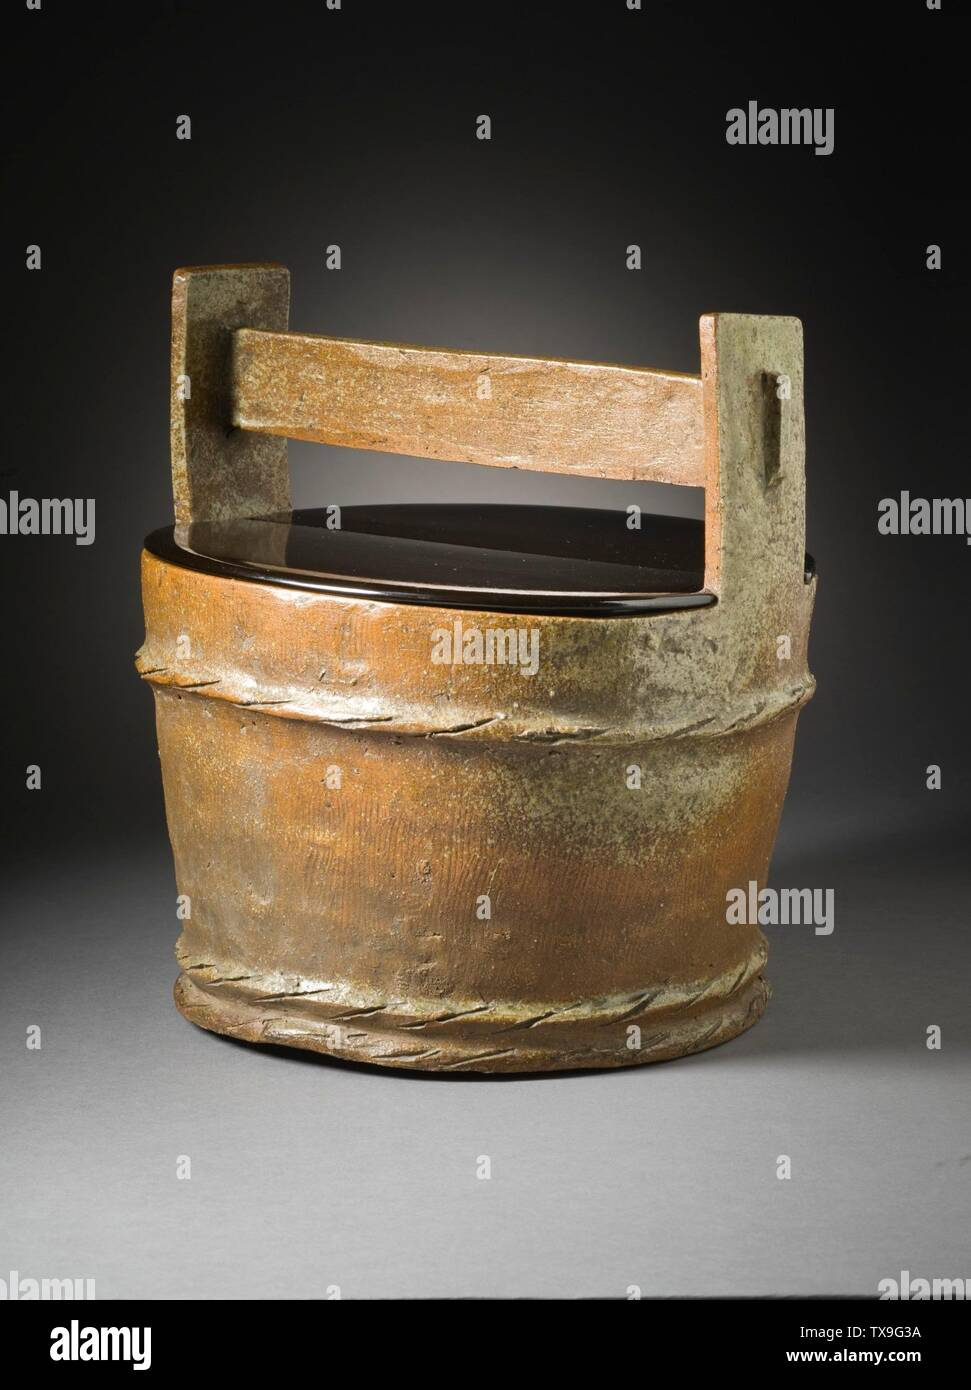 """'Mizusashi (recipiente de agua para la ceremonia del té) en forma de un cubo de madera (Imagen 2 de 7); en inglés: Japón, el período Momoyama, mobiliario 1573-1615; Serviceware Tamba ware; gres con barniz de ceniza natural a-b) de la tapa de dos piezas: 9 1/2 x 4 1/2 x 3/8 in. (24,13 x 11,43 x 0,95 cm) cada uno; c) contenedor: 10 3/4 x 10 1/4"""" x 9 1/4"""". (32,95 x 26.04 x 24.45 cm) de Regalo de David y Margaret Barry M.2009.16(a-c) arte japonés actualmente en vista pública: Pabellón de arte Japonés, piso 3; entre 1573 y 1615 fecha QS:P571,+1500-00-00T00:00:00Z/6,P1319,+1573-00-00T00:00:00Z/9,P1326,+1615-00-00T00:00:00Z/9; ' Imagen De Stock"""